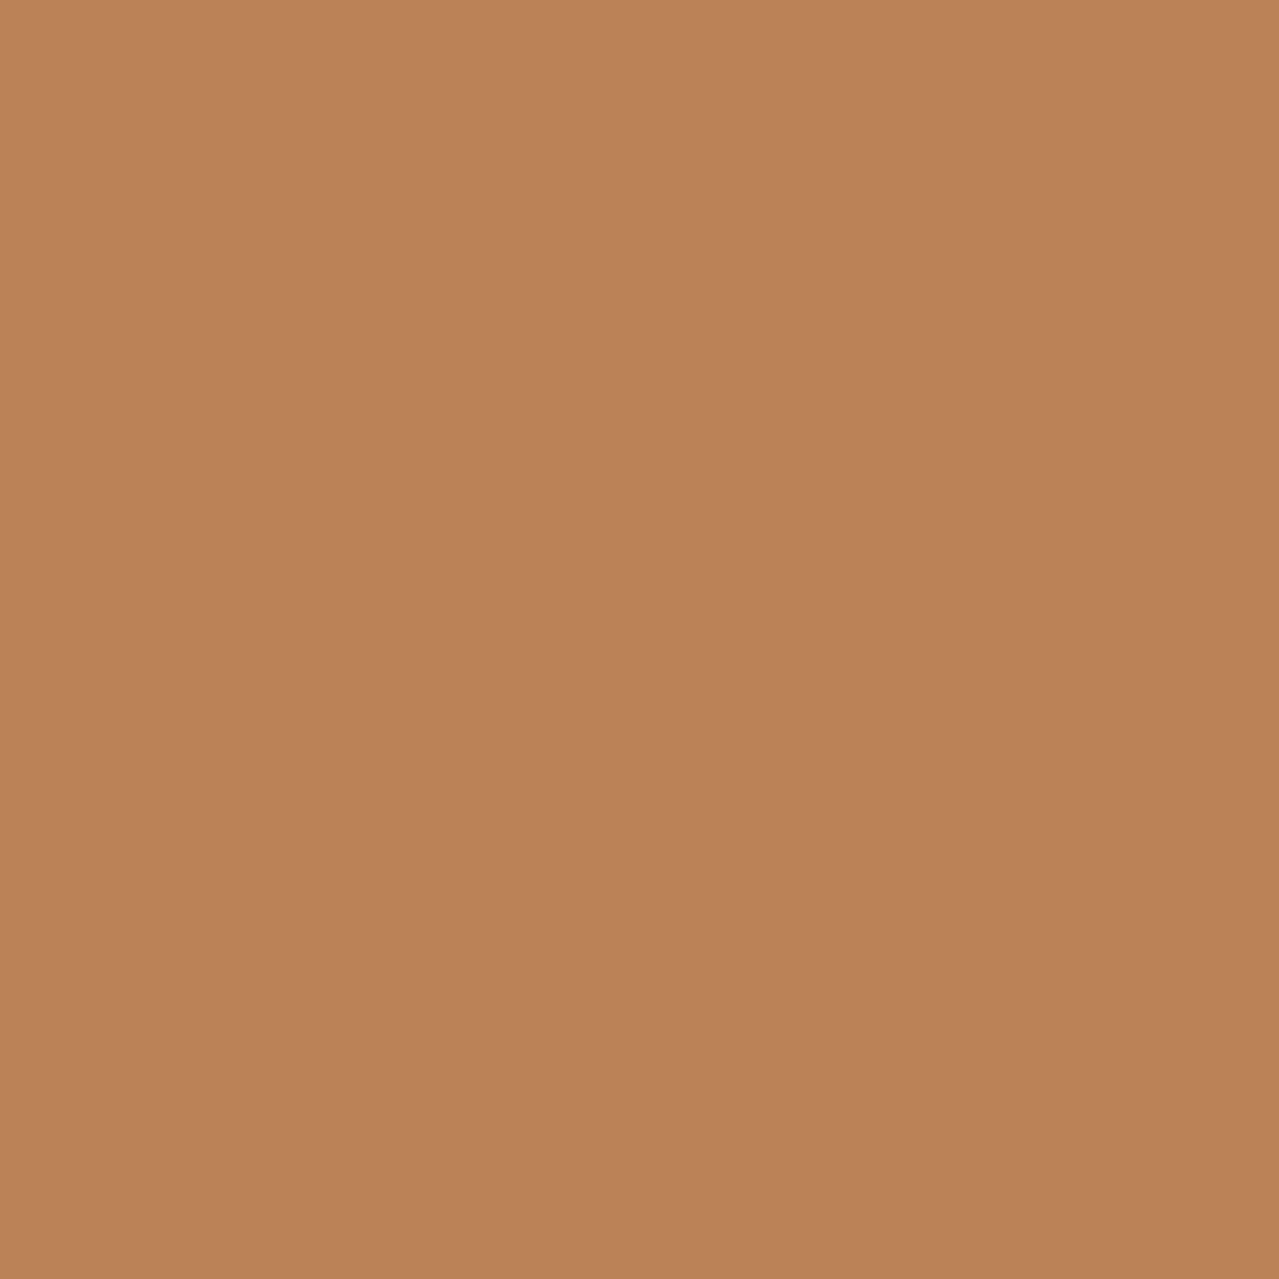 便利さひらめき区SANMIMORE(サンミモレ化粧品) UVパクト 54号ナチュラル (レフィル 替パフ付)